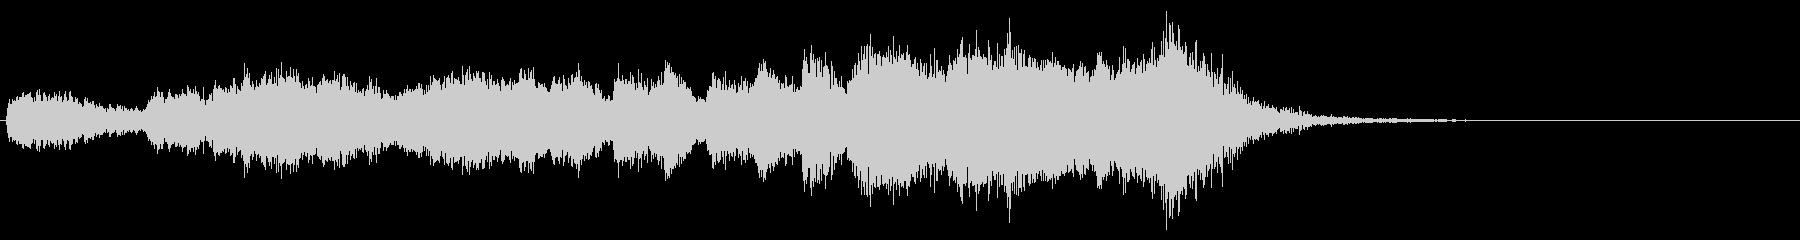 ドラムロール付き開幕のファンファーレの未再生の波形